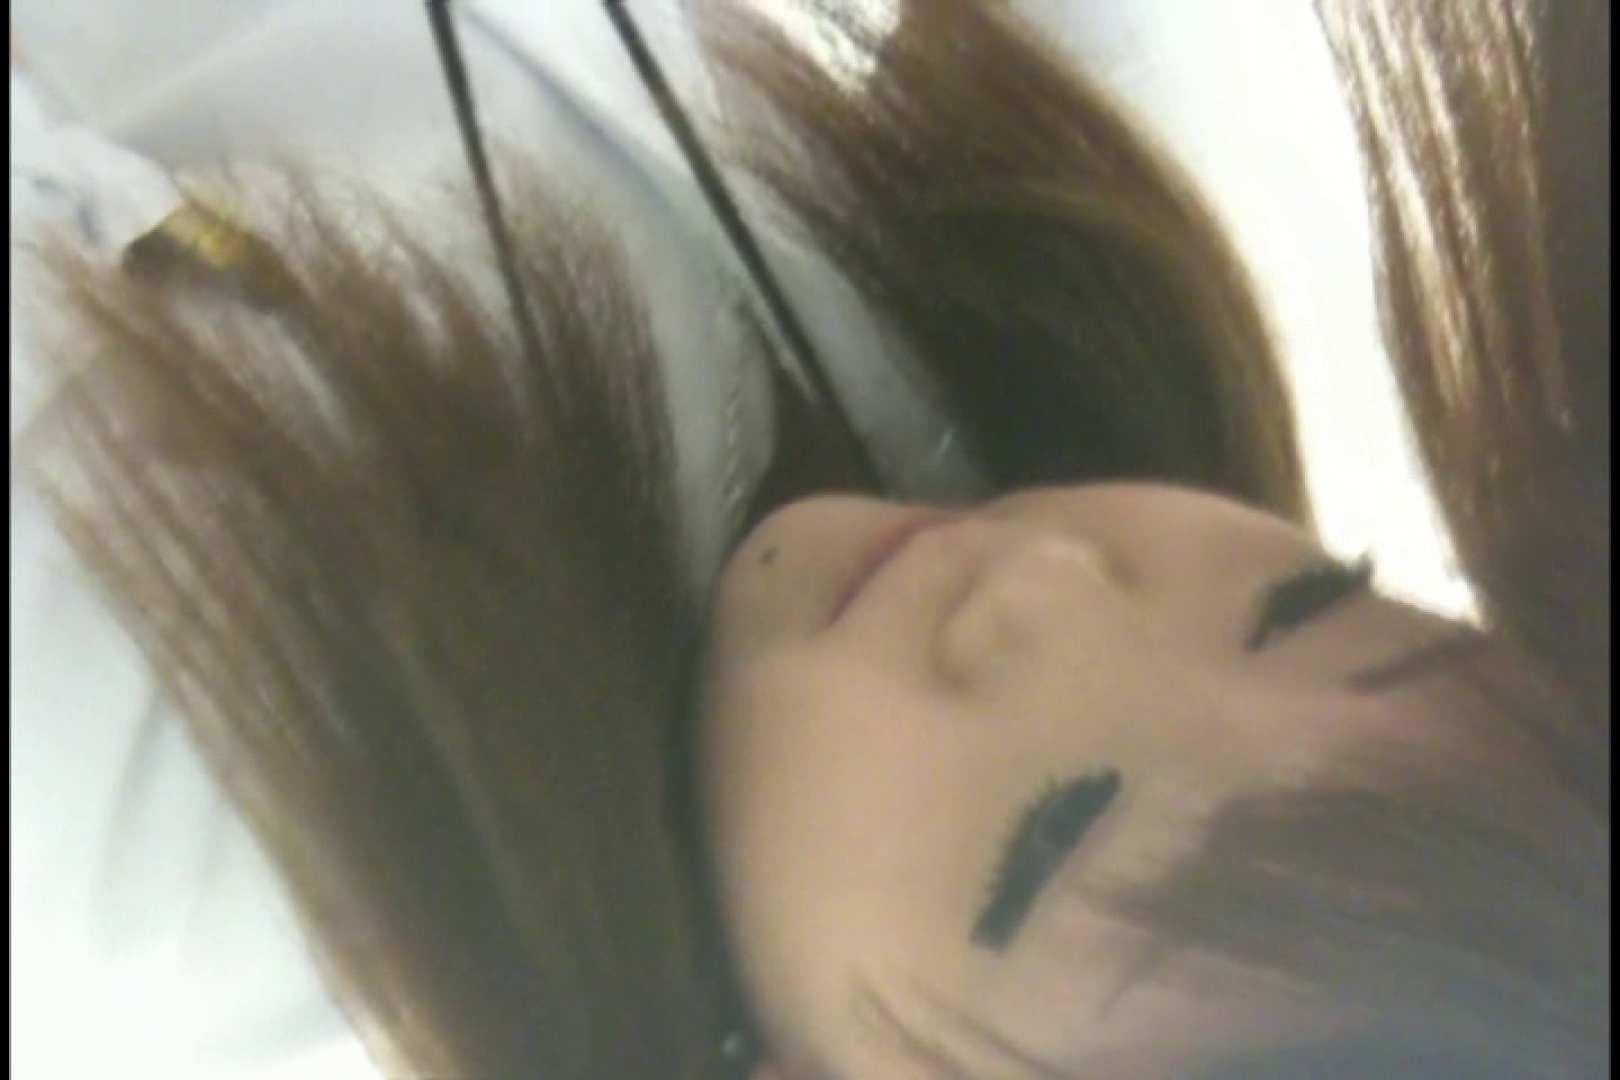 投稿!山下さんの闘病日記 激カワナースパンチラ vol.04 盗撮動画 | チラ見えで興奮  11枚 7